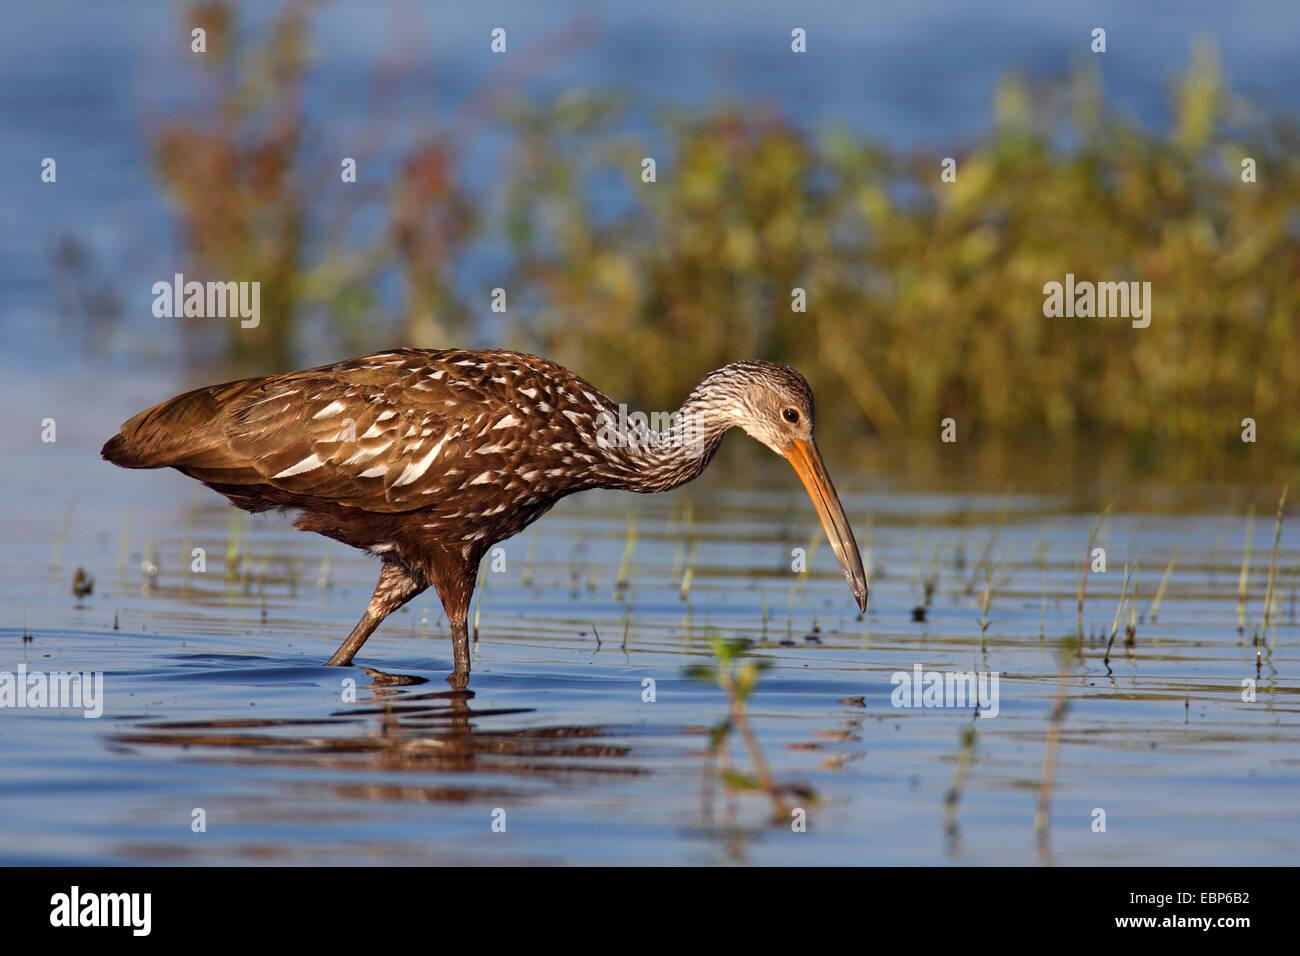 Limpkin (Aramus Guarauna), waten durch Wasser, während auf den Feed, USA, Florida, Myakka River State Park Stockfoto